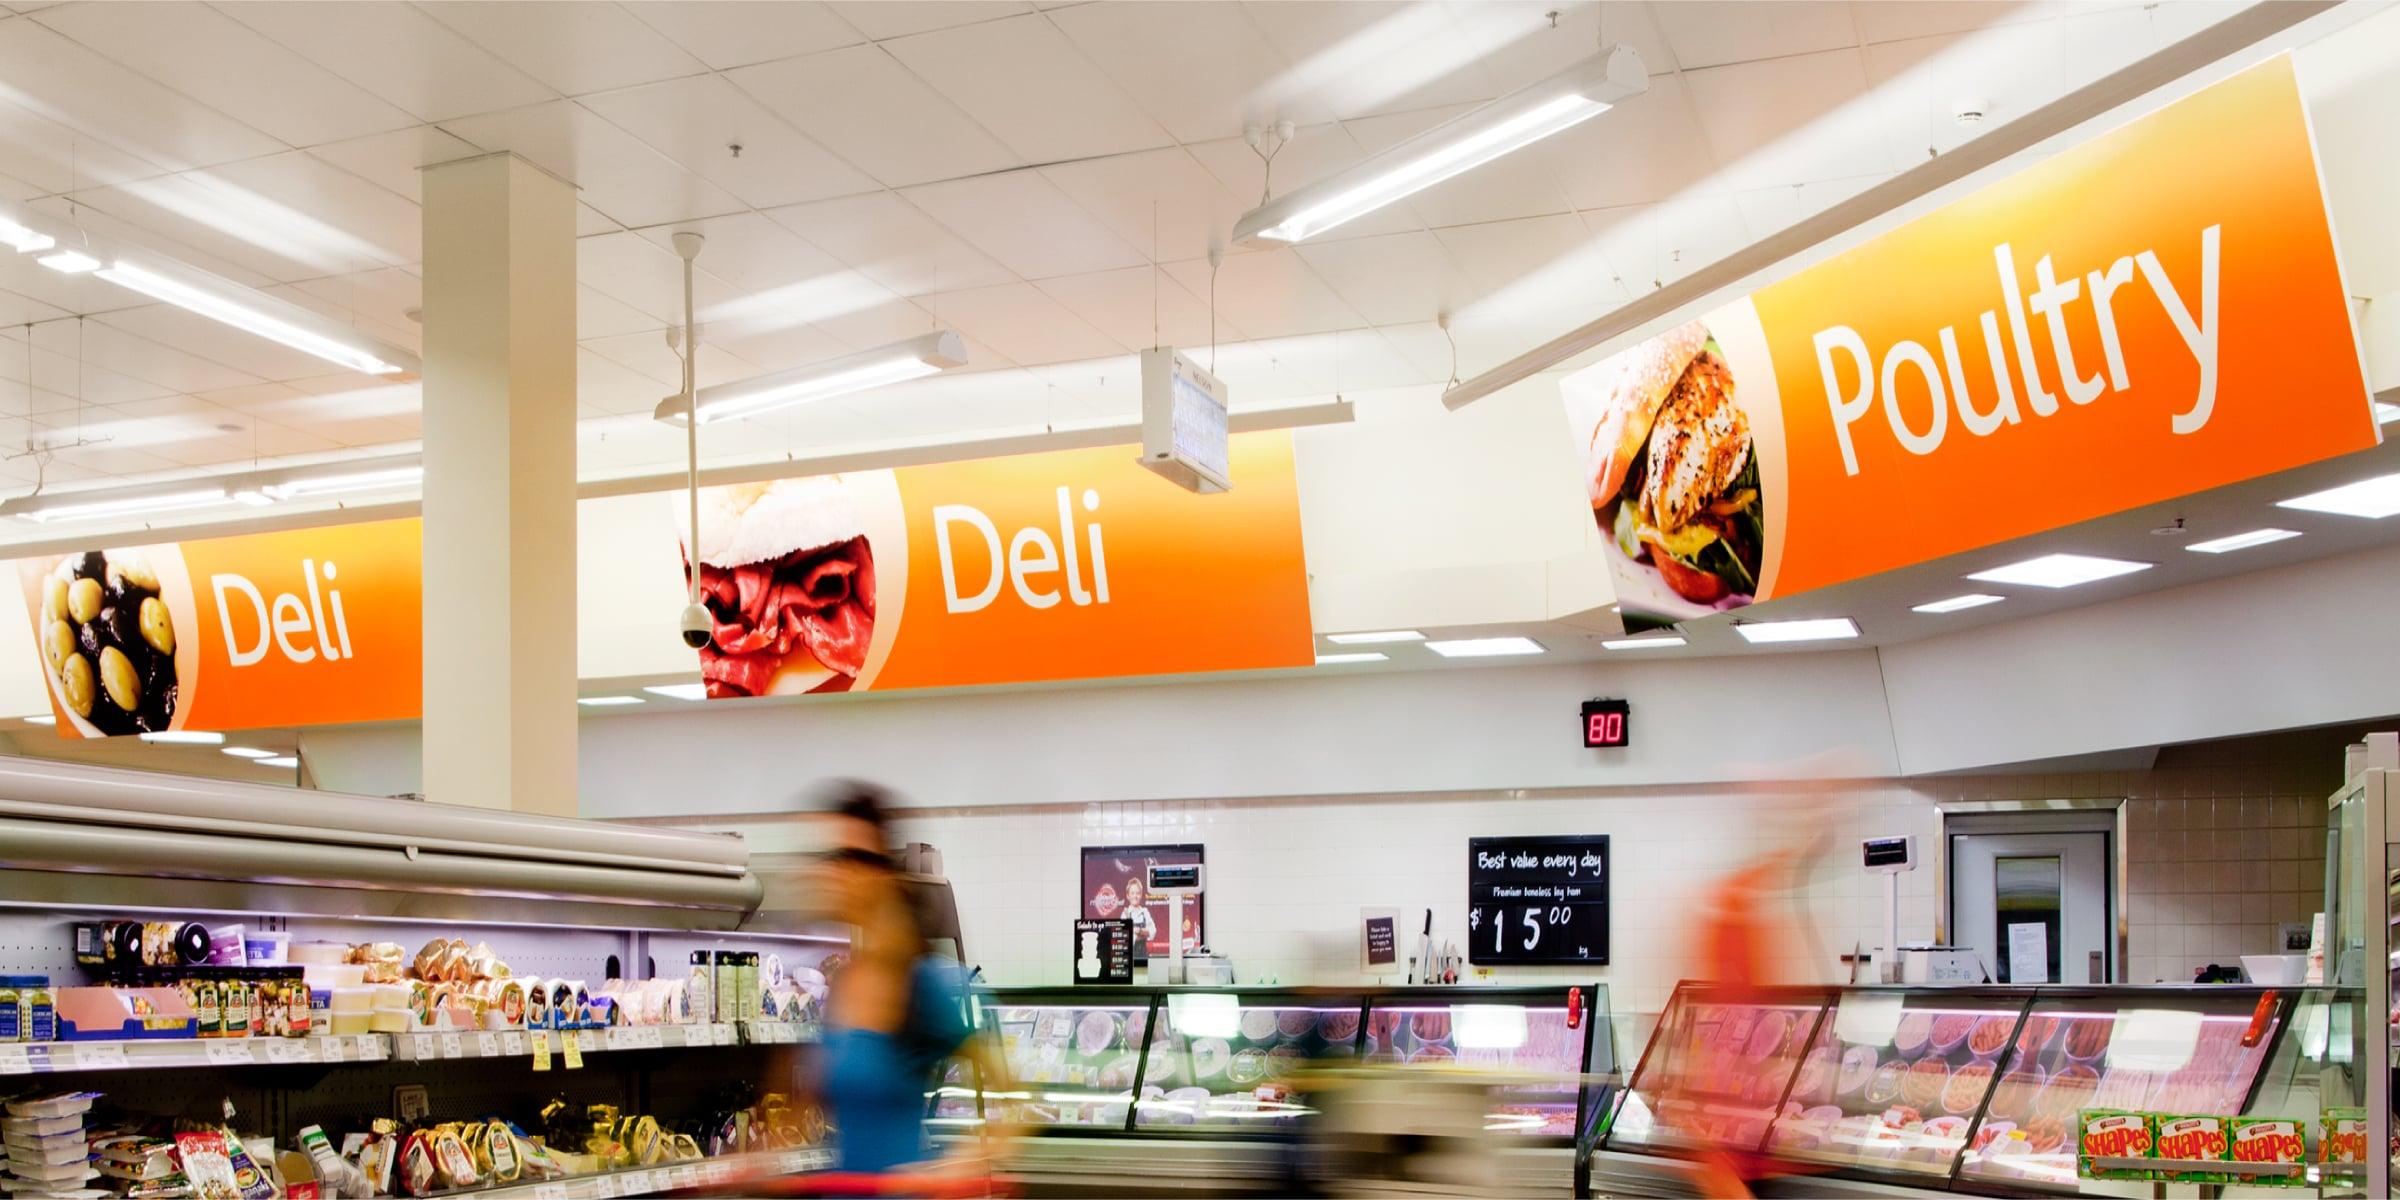 Davidson Branding Retail Coles Supermarket Aisle Deli Signage